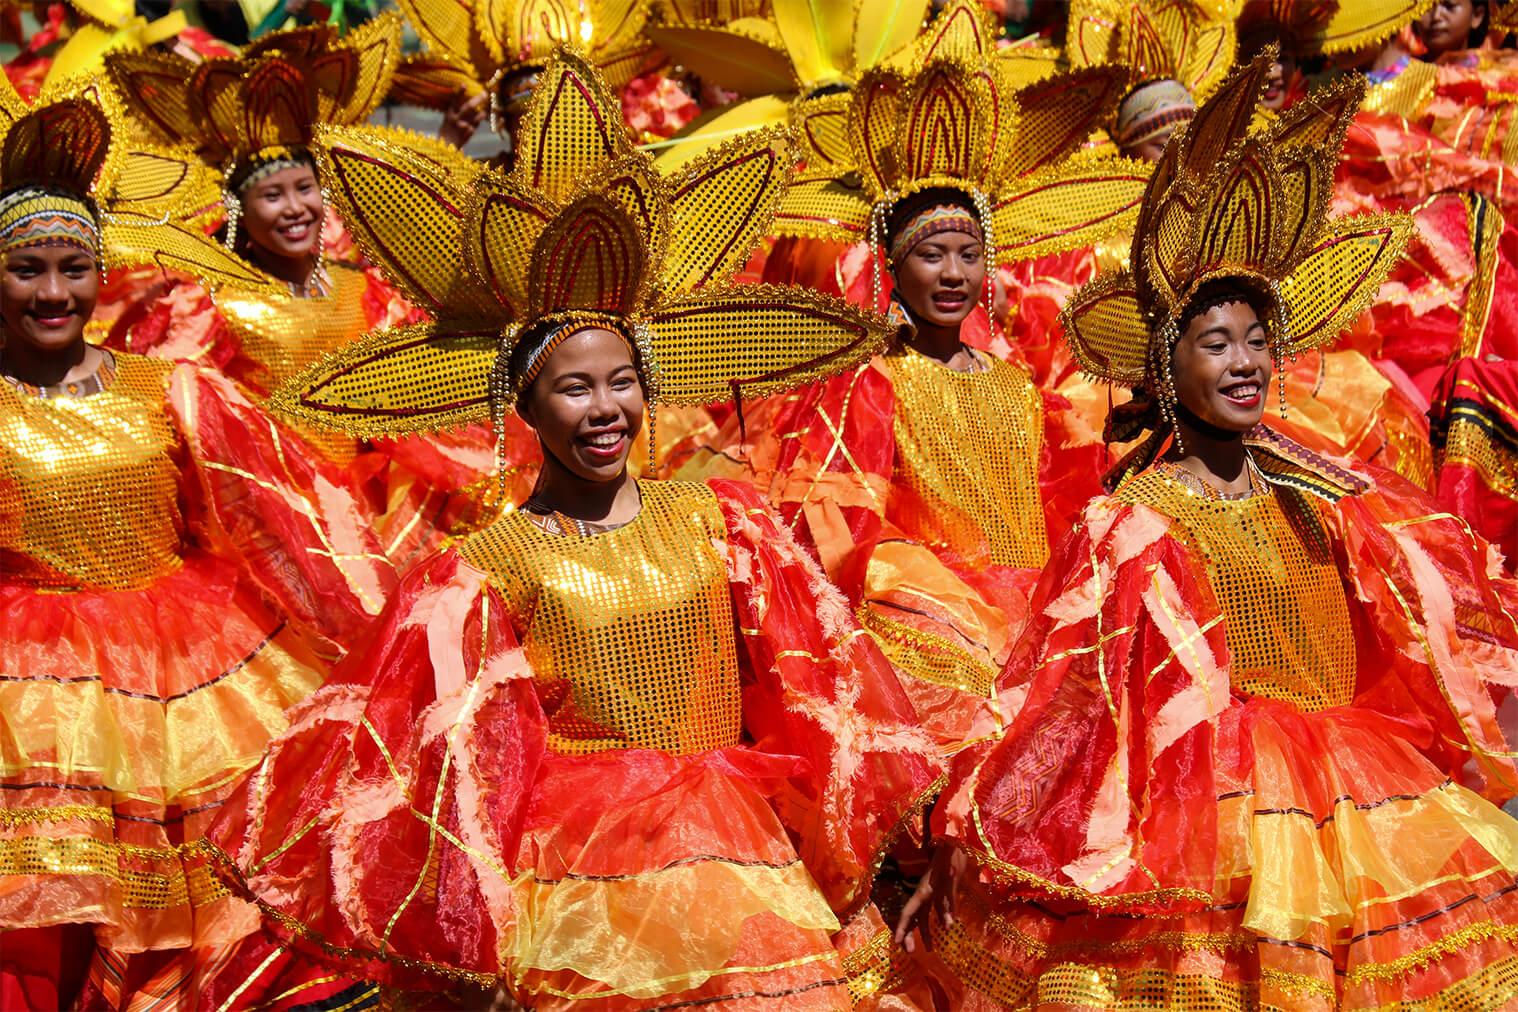 Ngentot Filipina Kumpulan - Bing